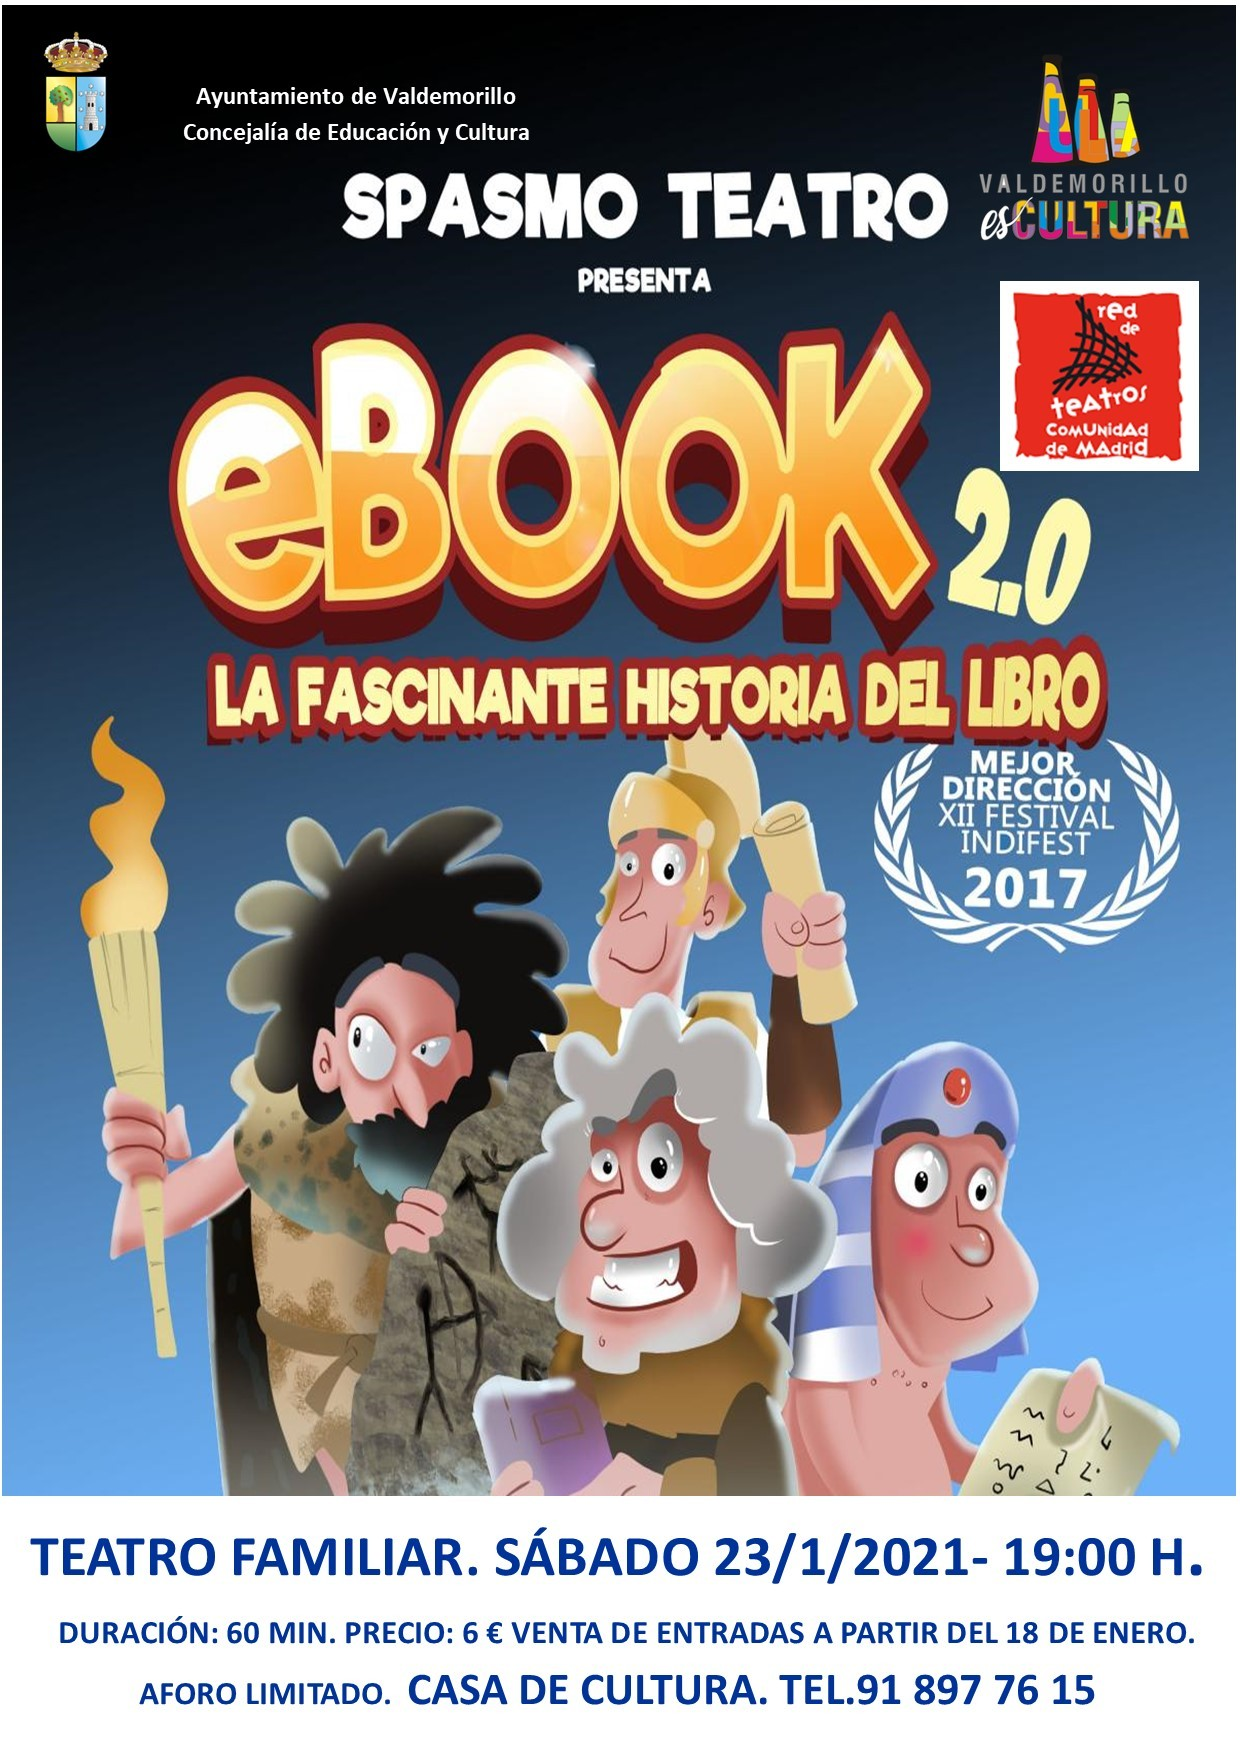 La primera gran función del año en la Giralt Laporta  pone en escena 'e-book 2.0. La fascinante historia del libro',  un espectáculo didáctico y muy divertido con el que  Spasmo brinda una formidable tarde de teatro familiar